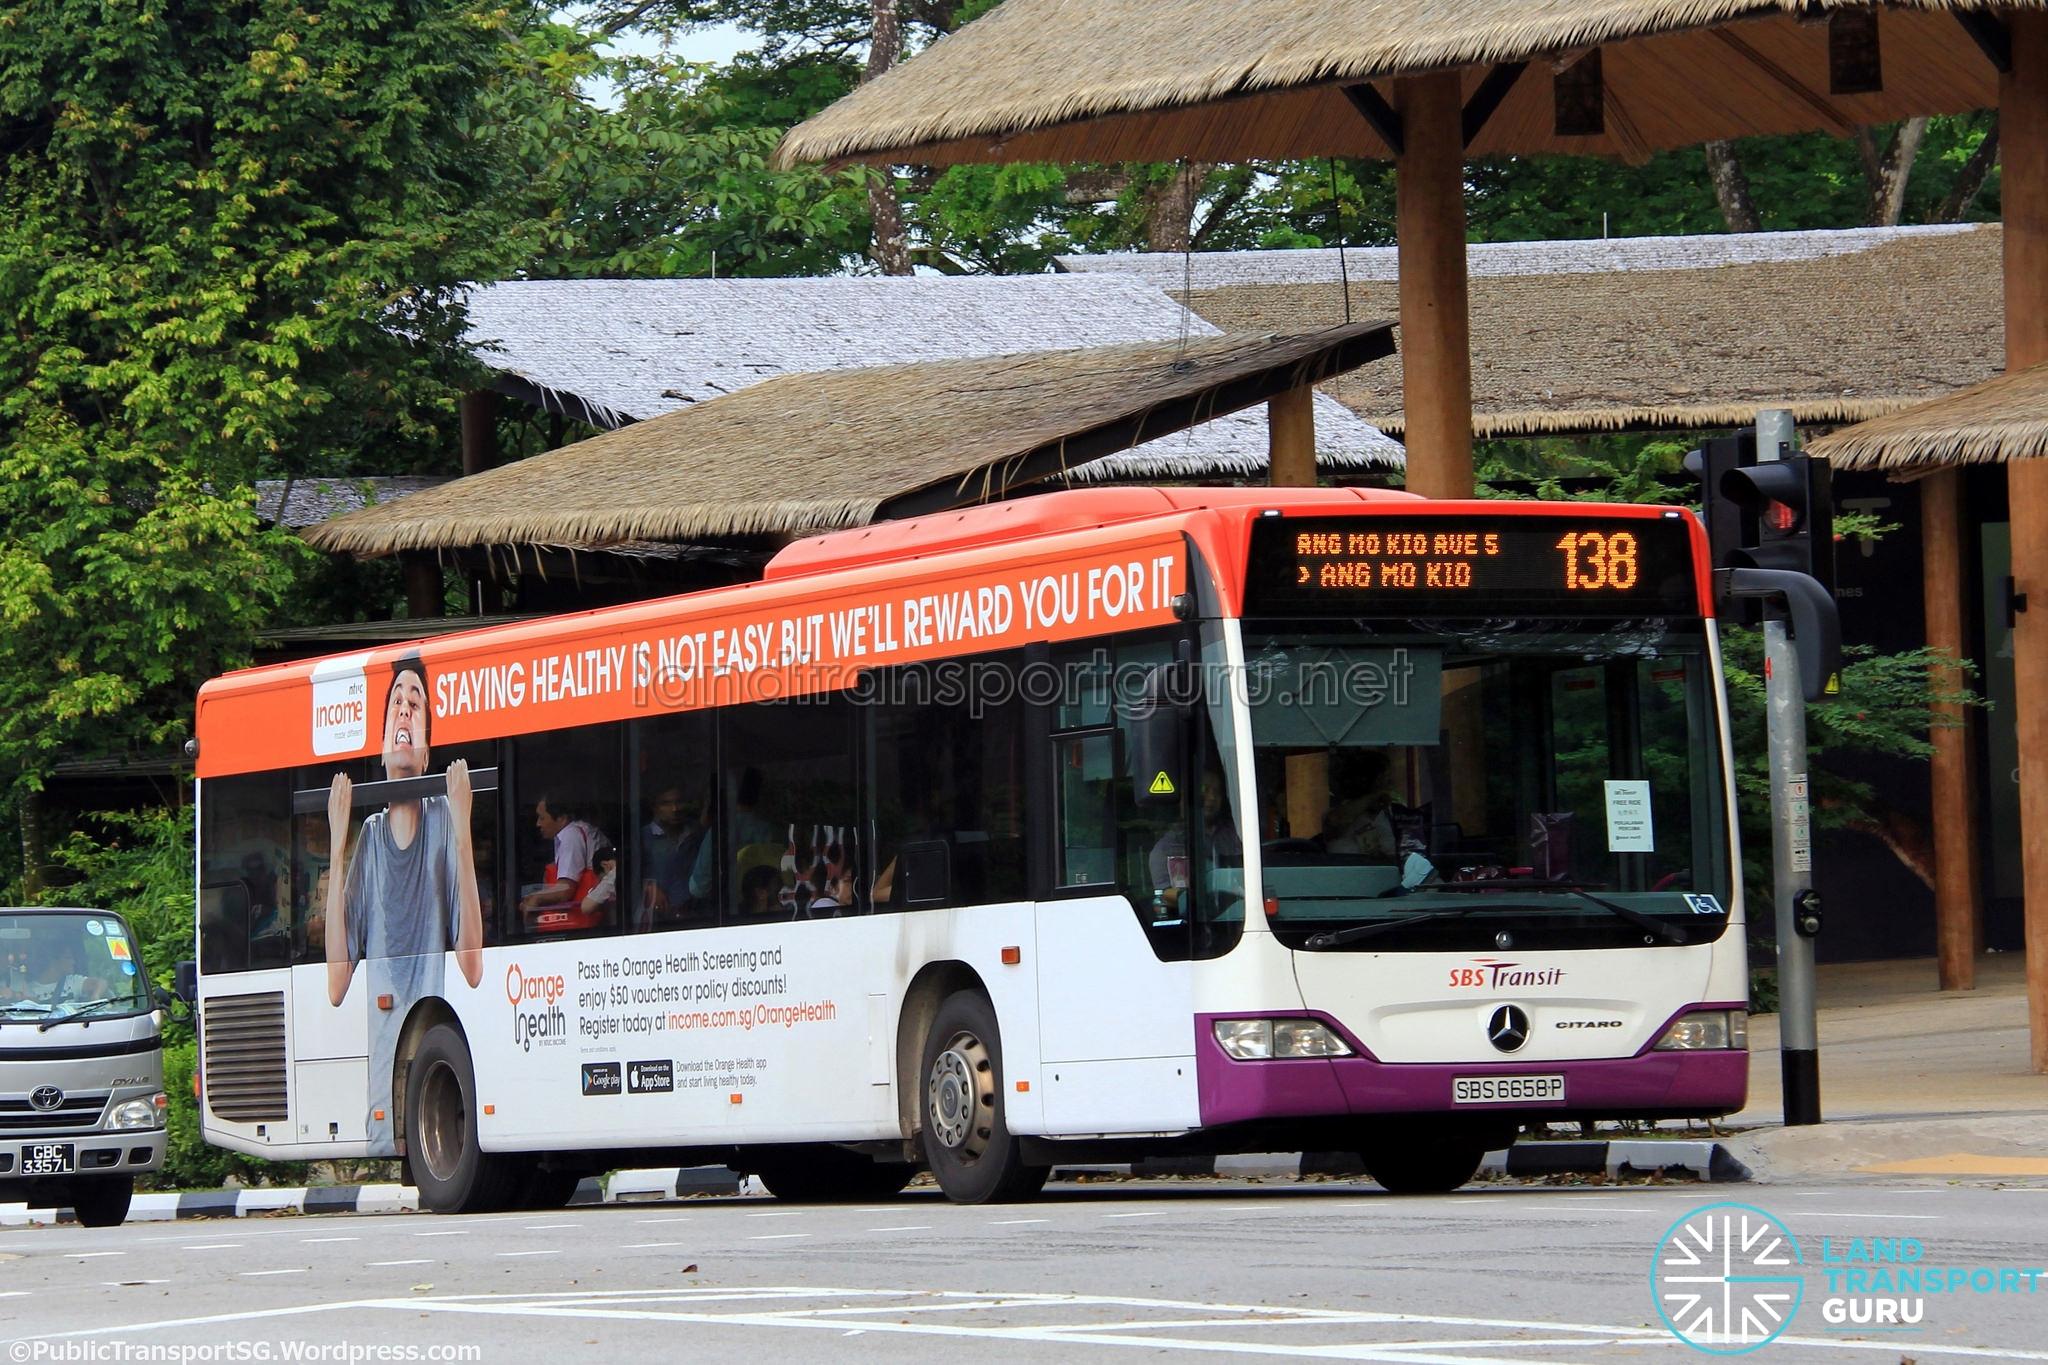 SBS Transit Bus Service 138 | Land Transport Guru